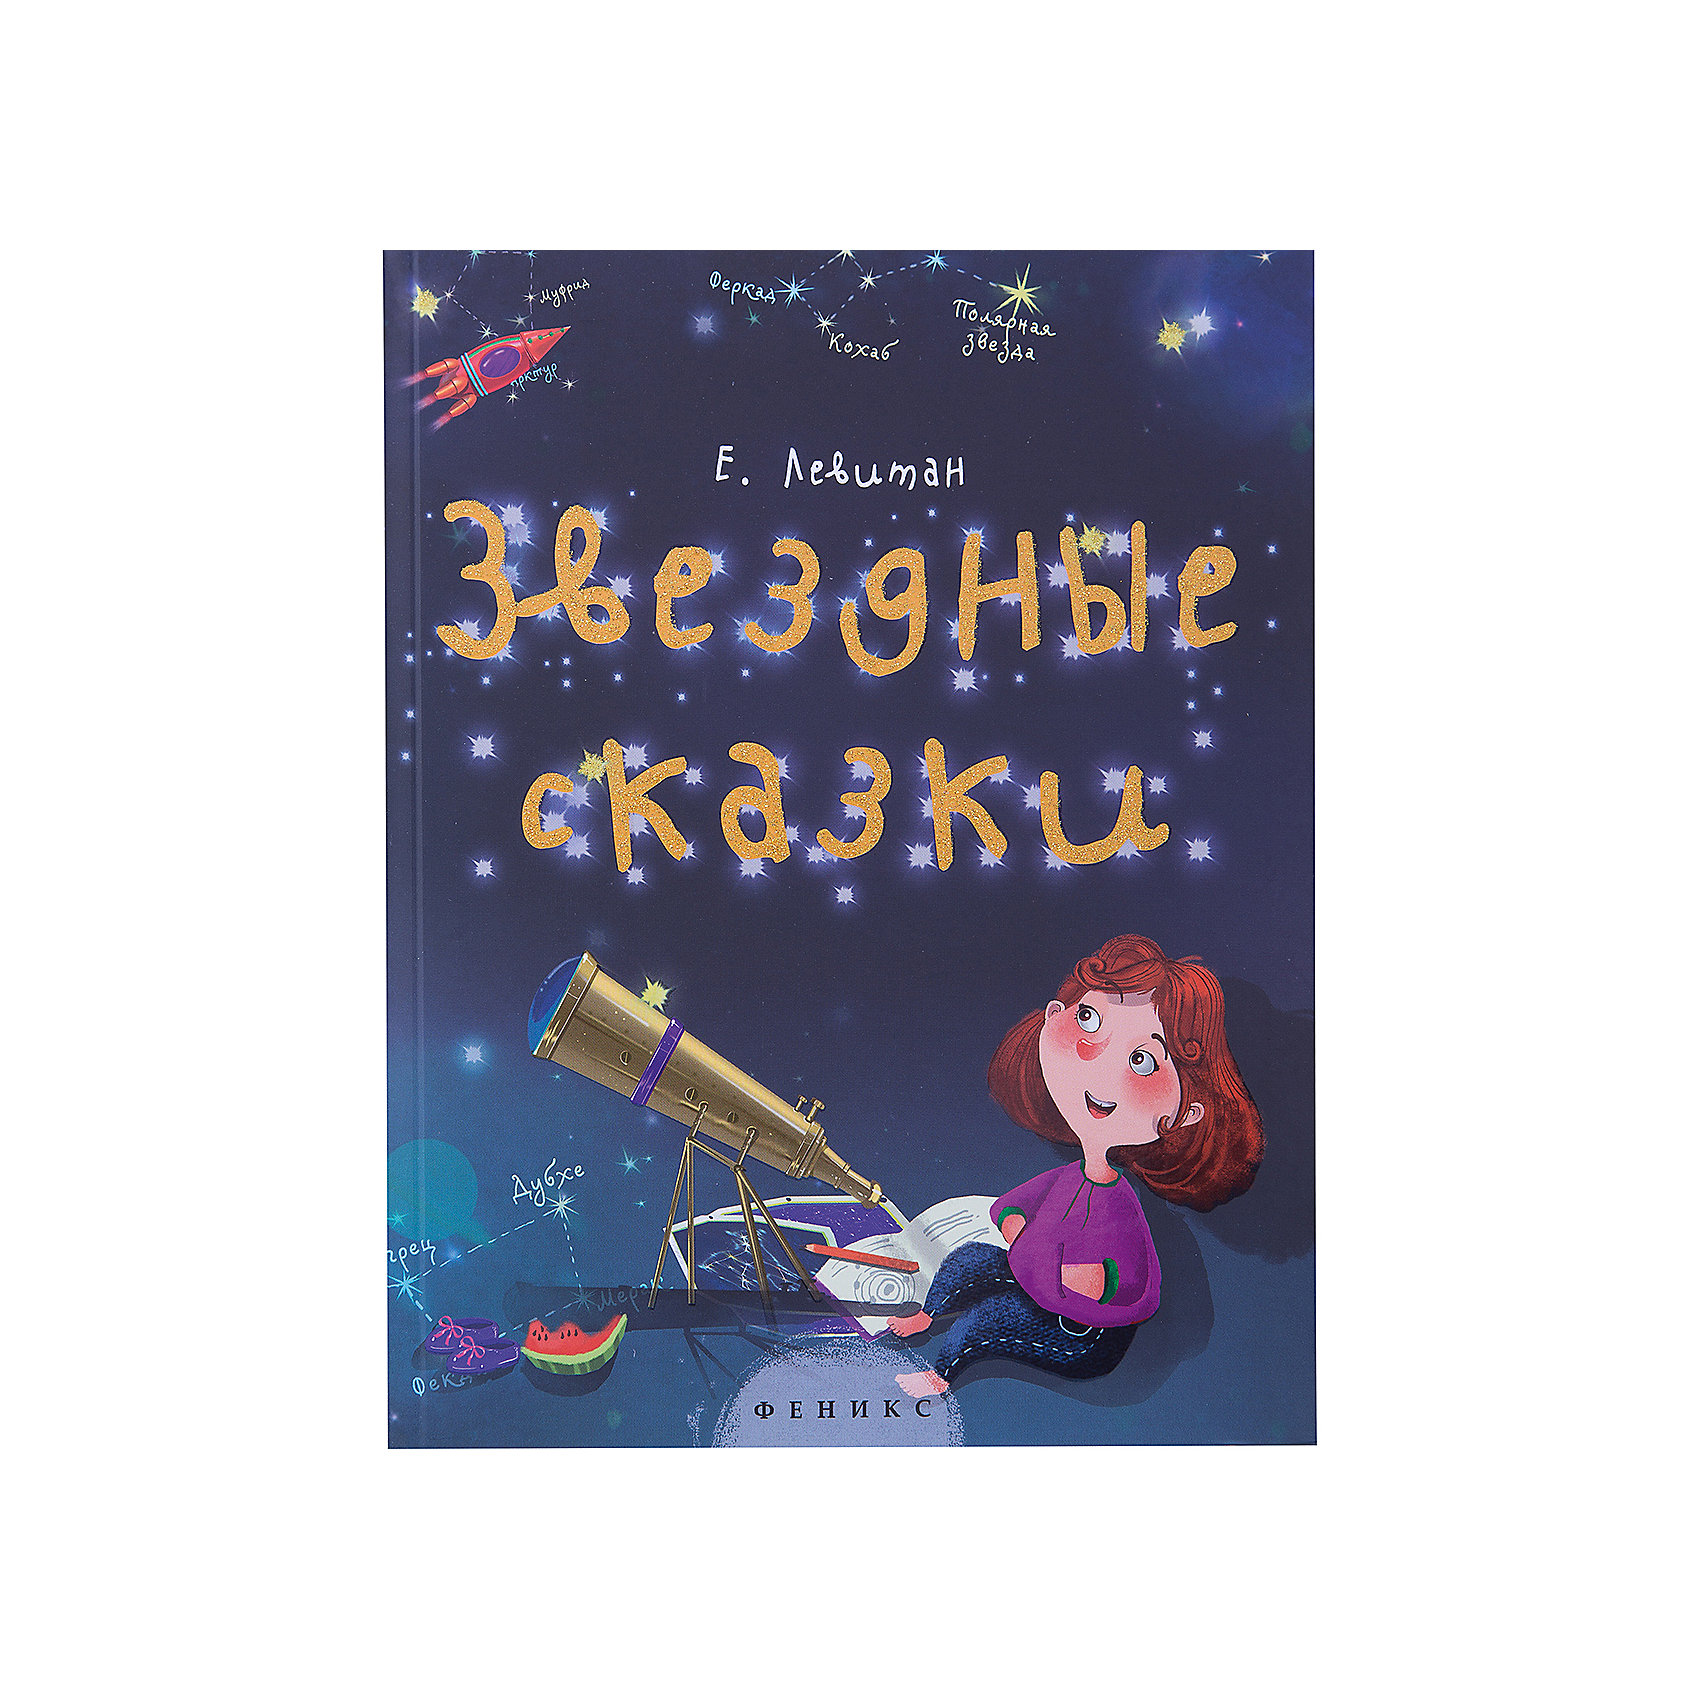 Звездные сказки: моя первая книжка по астрономииКнига Звездные сказки: моя первая книжка по астрономии станет отличным подарком для всех любознательных детей. Ее героине, Машеньке, очень повезло. Она подружилась с Луной и звездами, побывала в гостях у самого Солнца. О том, что узнала девочка, о небесных светилах<br>и рассказывается в этой книжке-сказке по астрономии. Для детей старшего дошкольного и младшего школьного возраста.<br><br><br>Дополнительная информация:<br><br>- Автор: Е. П. Левитан.<br>- Серия: Моя Первая Книжка.<br>- Обложка: твердая.<br>- Иллюстрации: цветные.<br>- Объем: 48 стр.<br>- Размер: 26,8 x 0,7 x 20,5 см.<br>- Вес: 0,248 кг.<br><br>Книгу Звездные сказки: моя первая книжка по астрономии, Феникс-Премьер, можно купить в нашем интернет-магазине.<br><br>Ширина мм: 266<br>Глубина мм: 205<br>Высота мм: 7<br>Вес г: 968<br>Возраст от месяцев: 12<br>Возраст до месяцев: 144<br>Пол: Унисекс<br>Возраст: Детский<br>SKU: 4770004